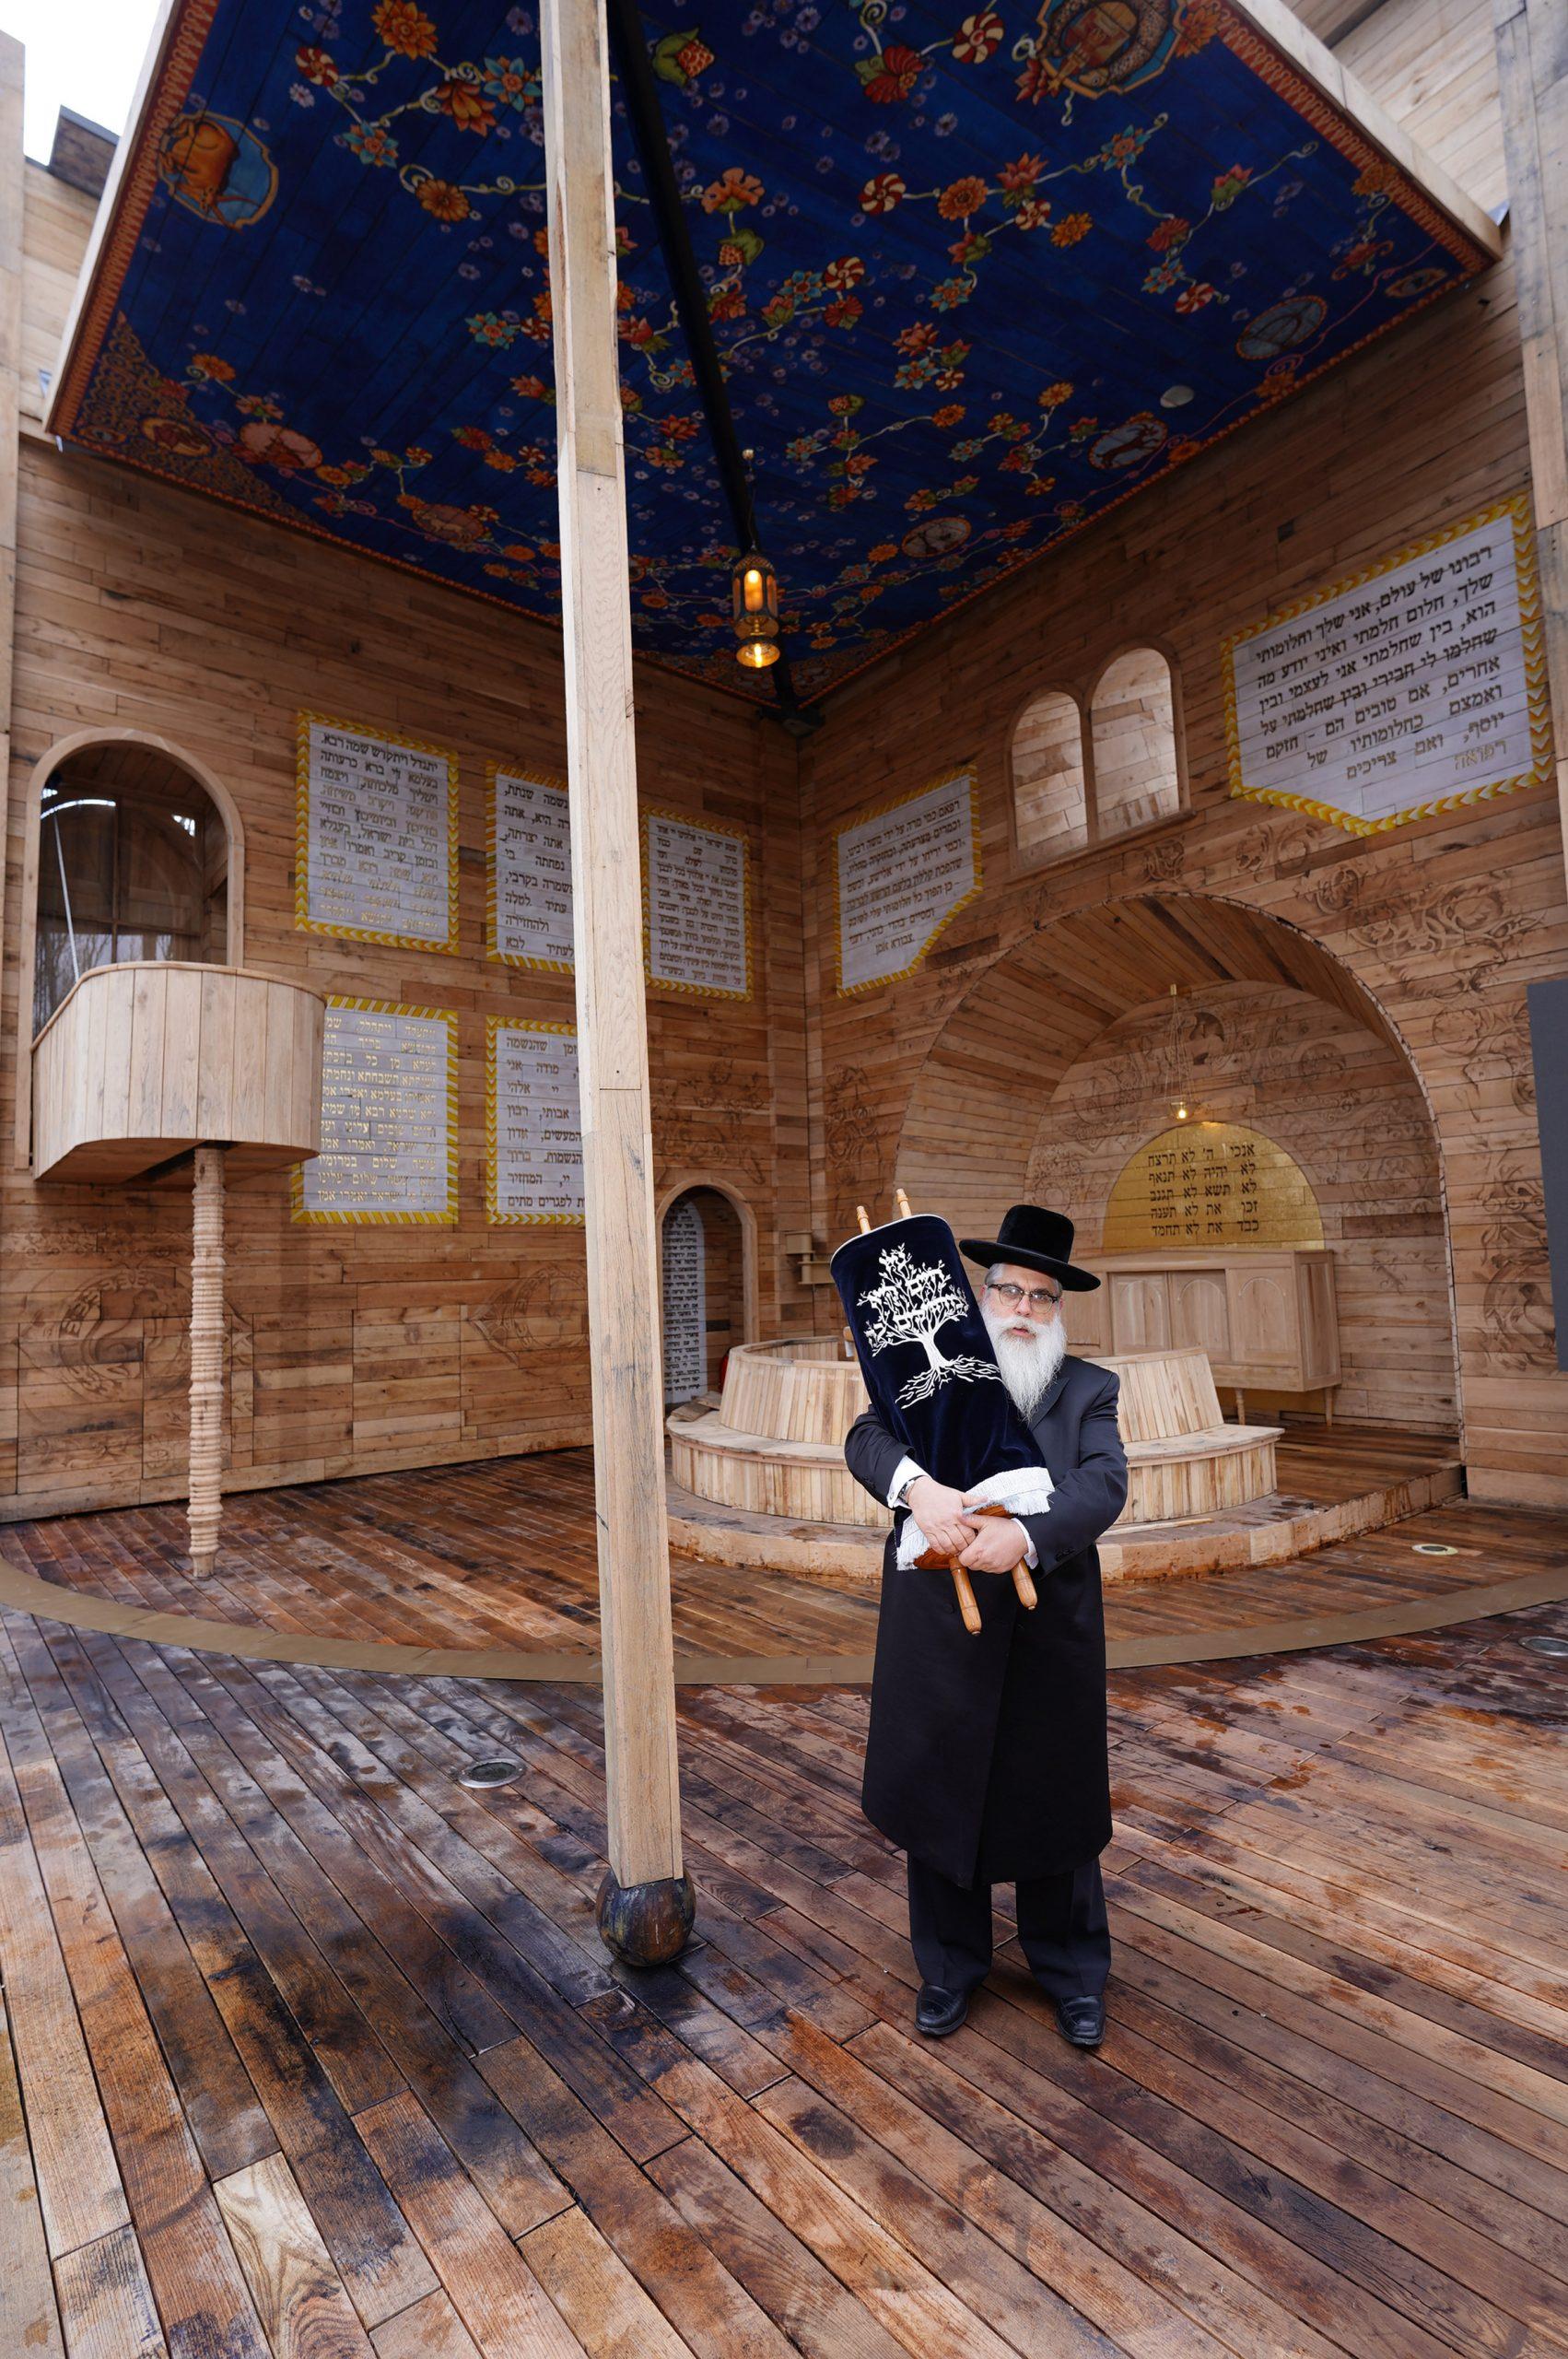 Pop-up synagogue in Ukraine